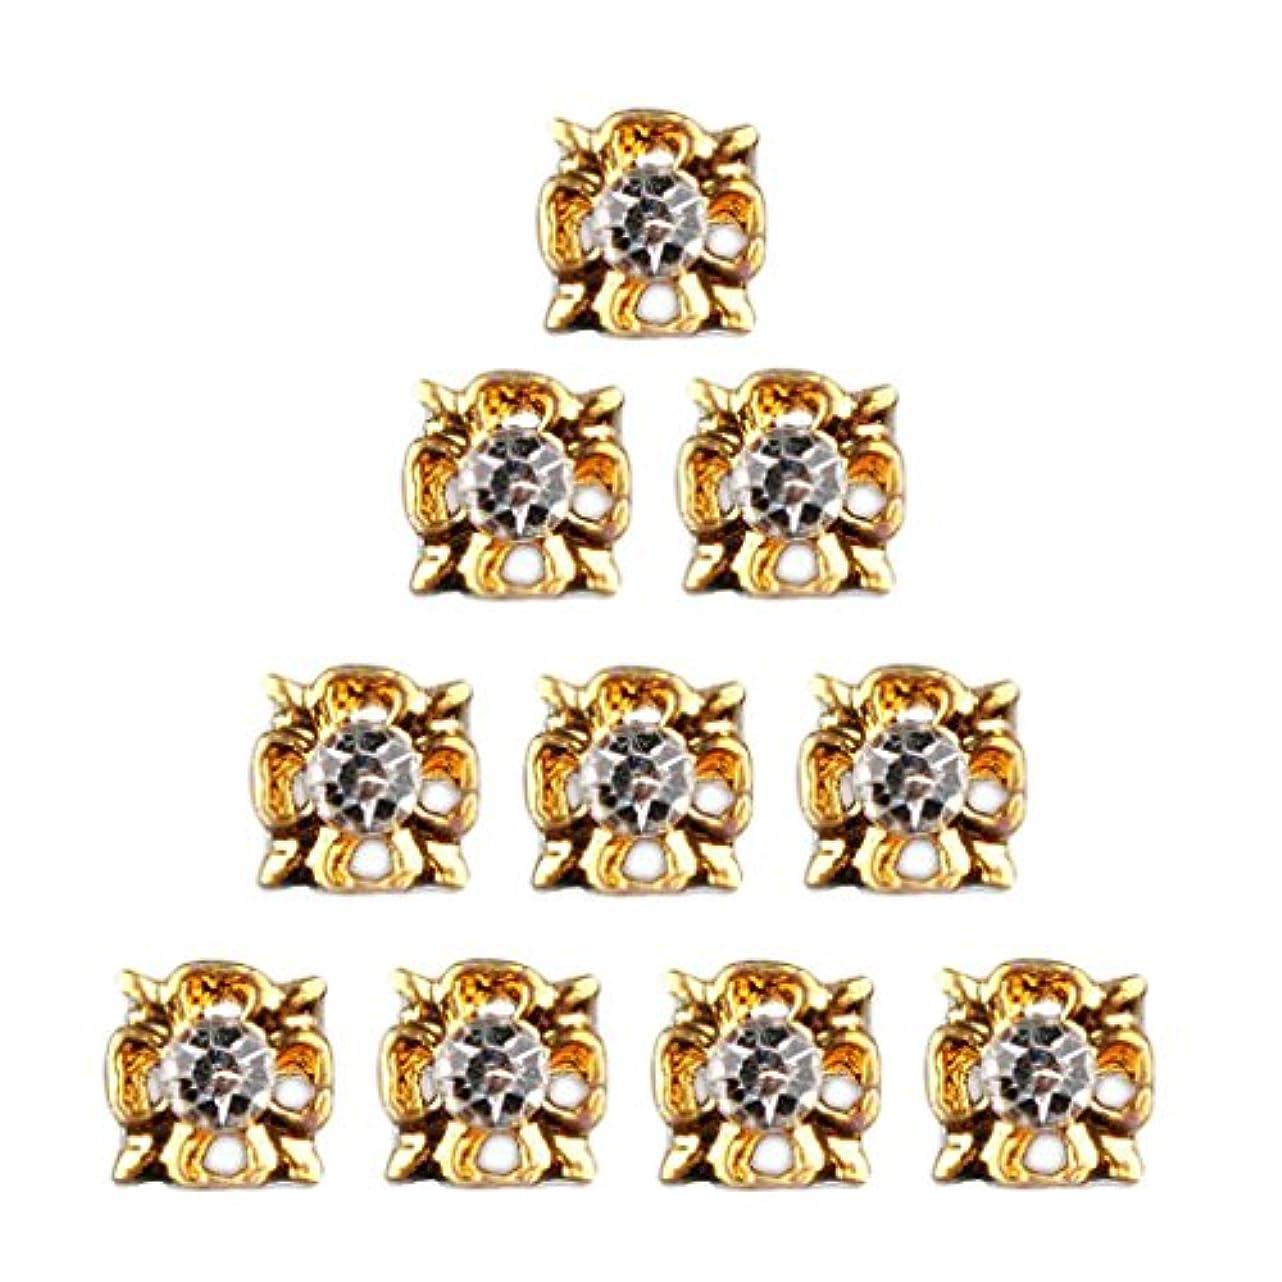 シーンアデレードテーマネイルアート ダイヤモンド ネイルデザイン 3D ヒントステッカー ネイルデコレーション 全8種類 - 4